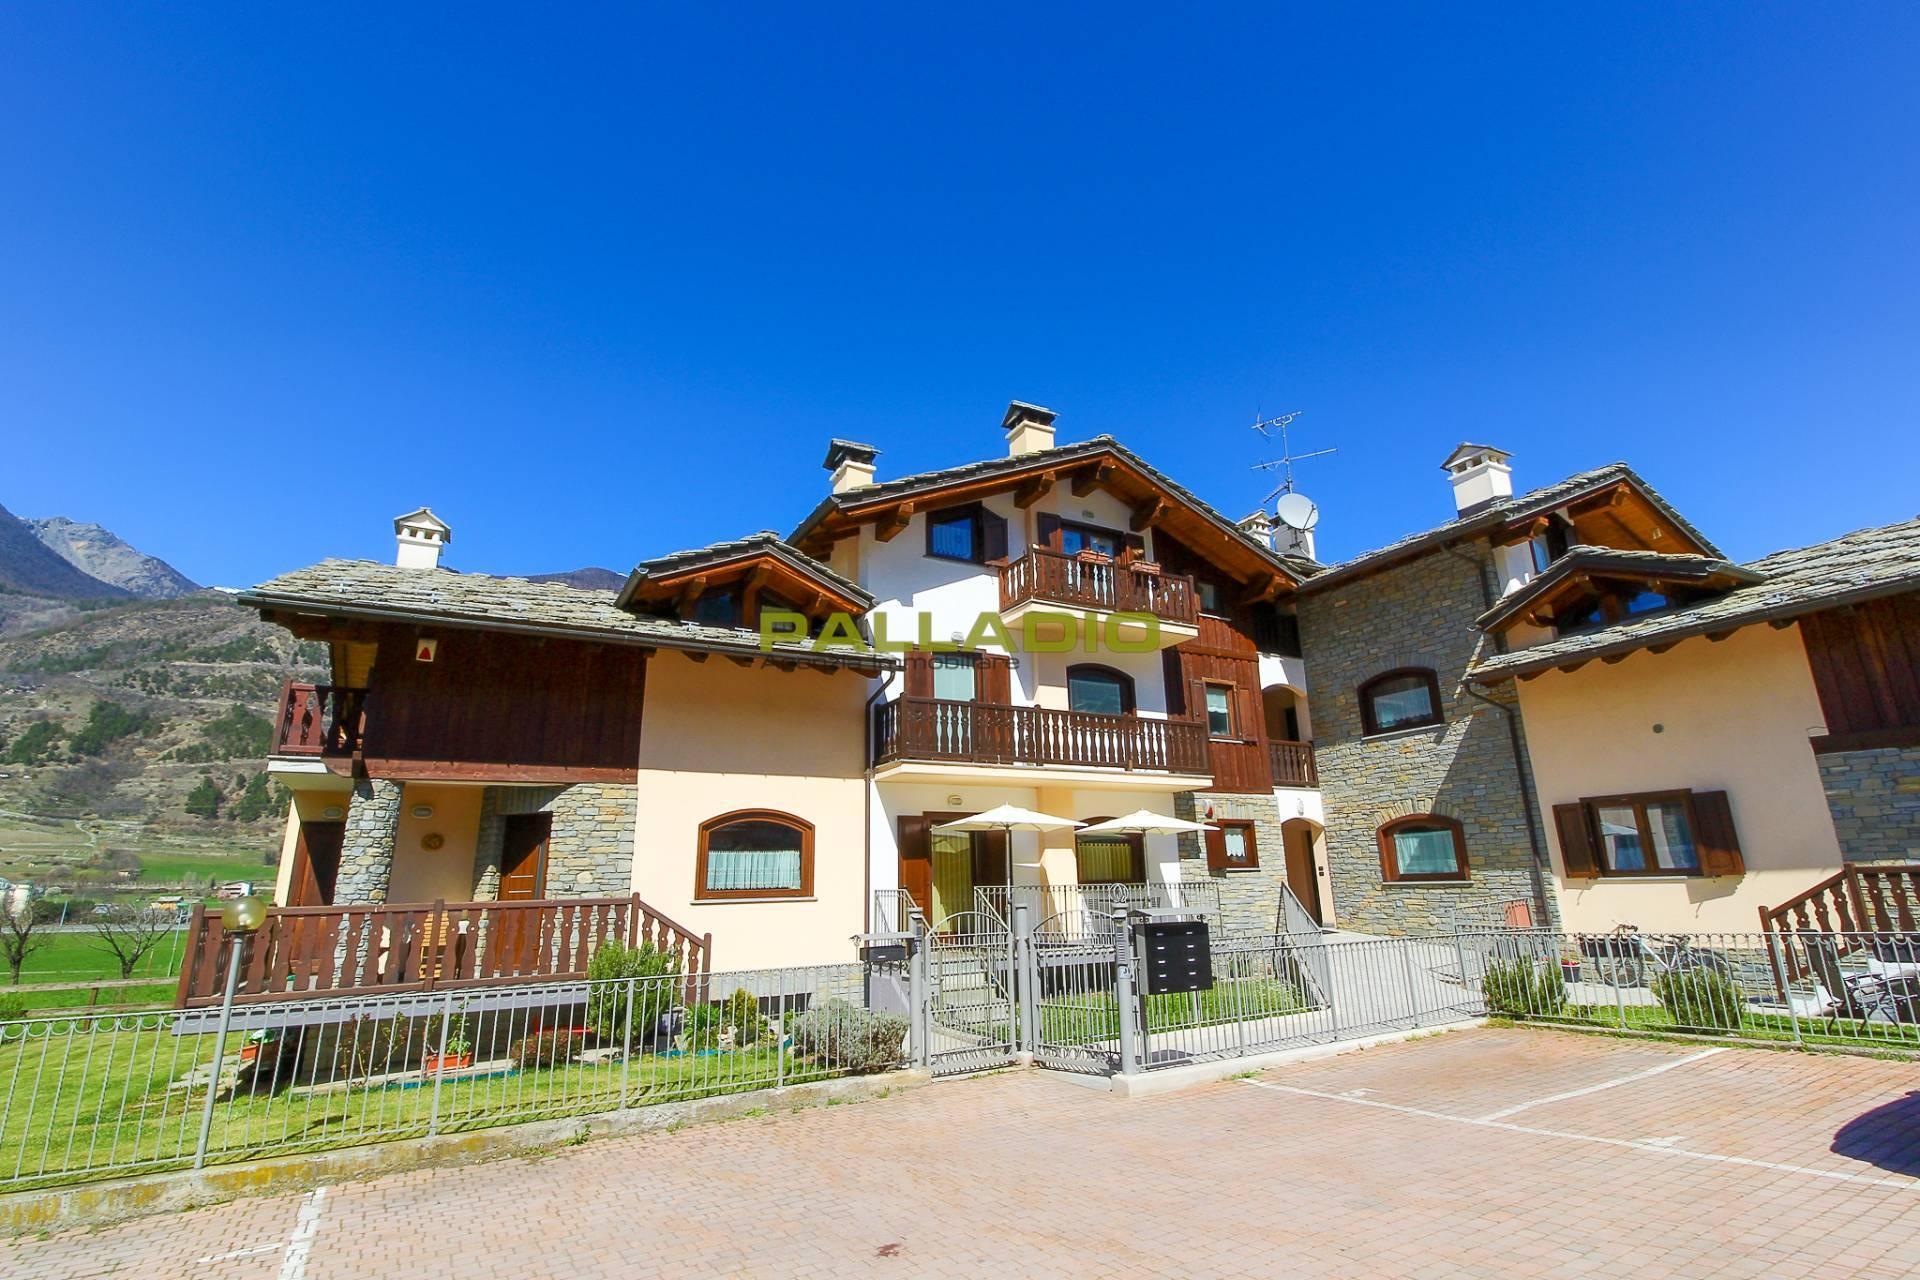 Appartamento in vendita a Jovencan, 3 locali, prezzo € 220.000 | CambioCasa.it